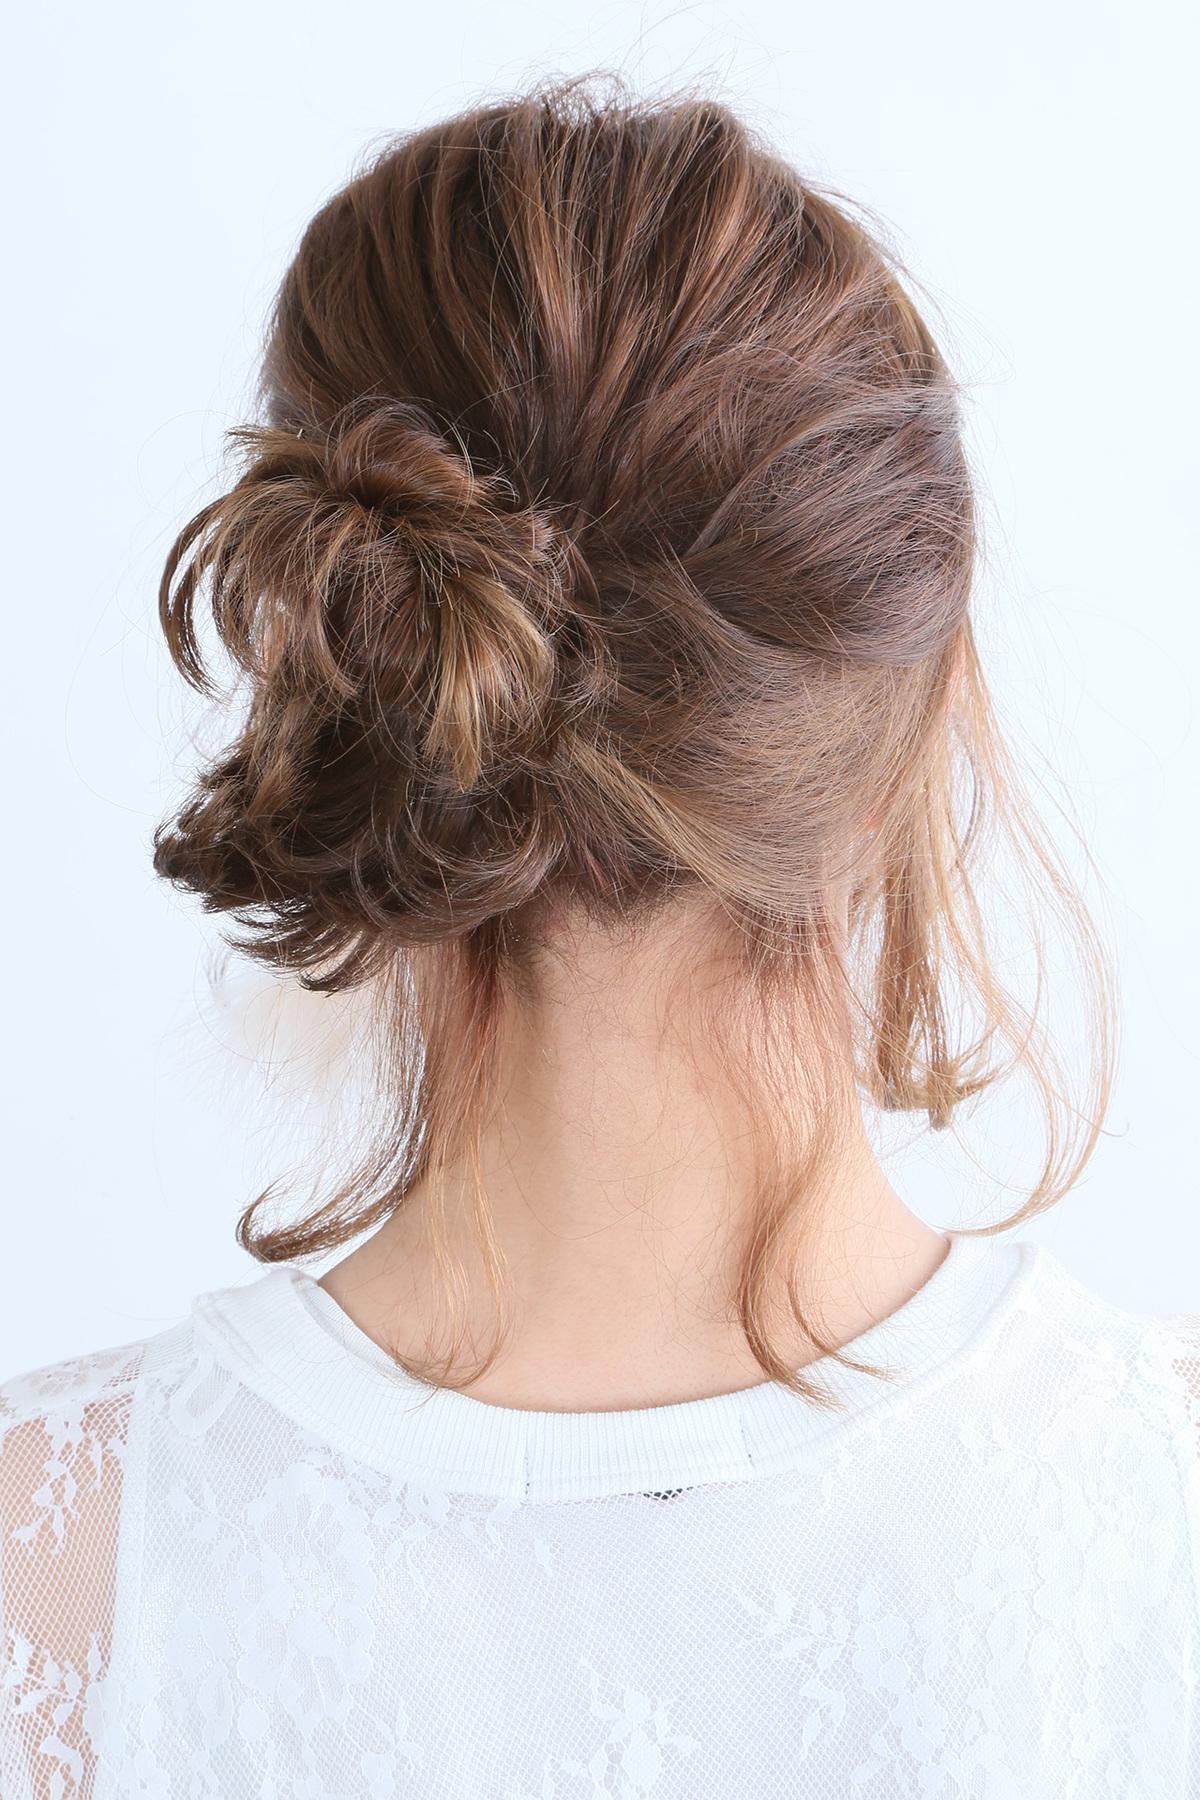 フリンジカールが可愛いルーズアップアレンジヘア